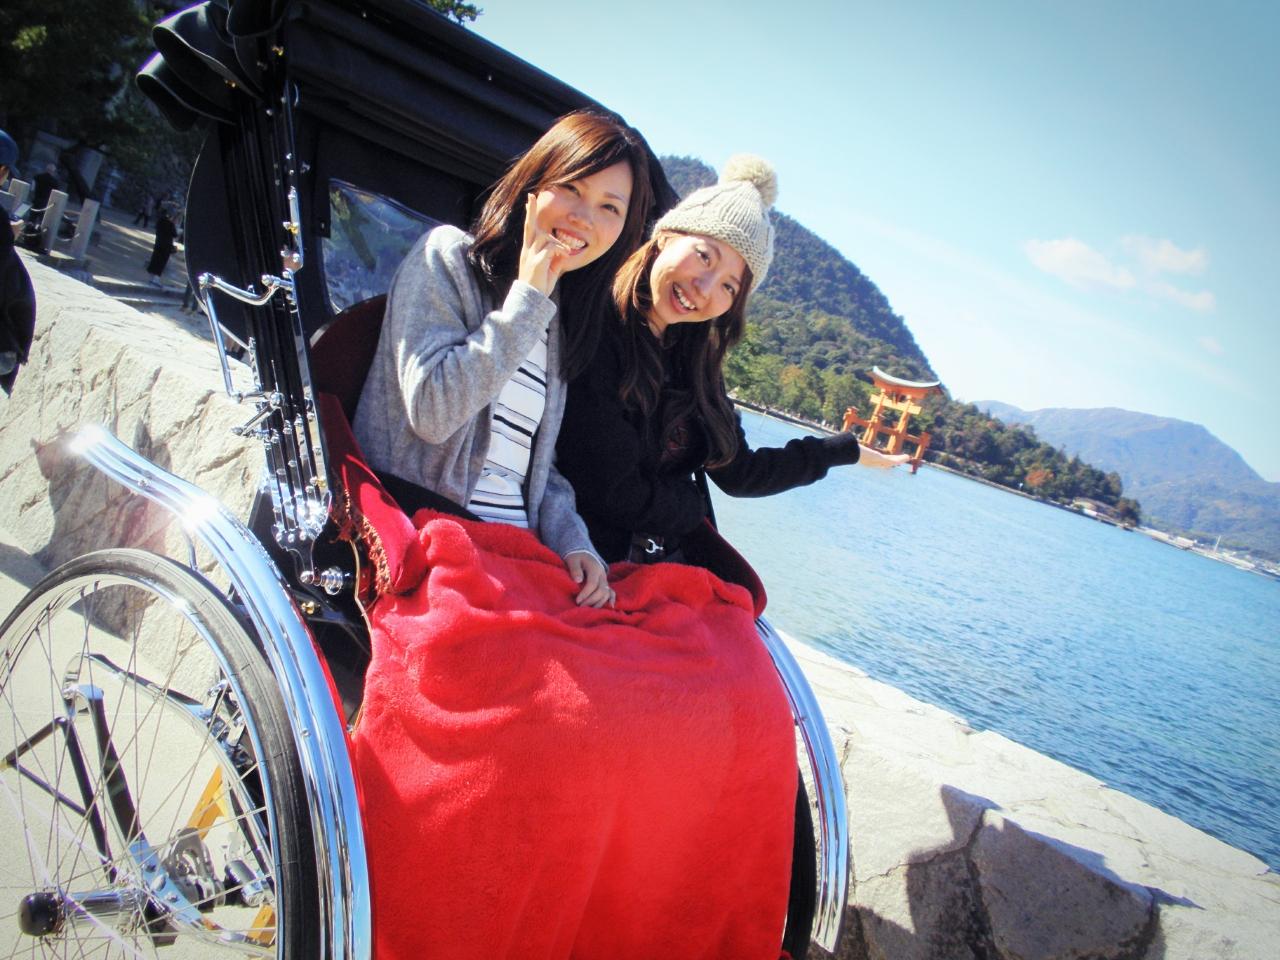 【広島・宮島・人力車・120分貸切】日本三景の一つ、宮島の神秘を満喫!人力車・宮島120分コース